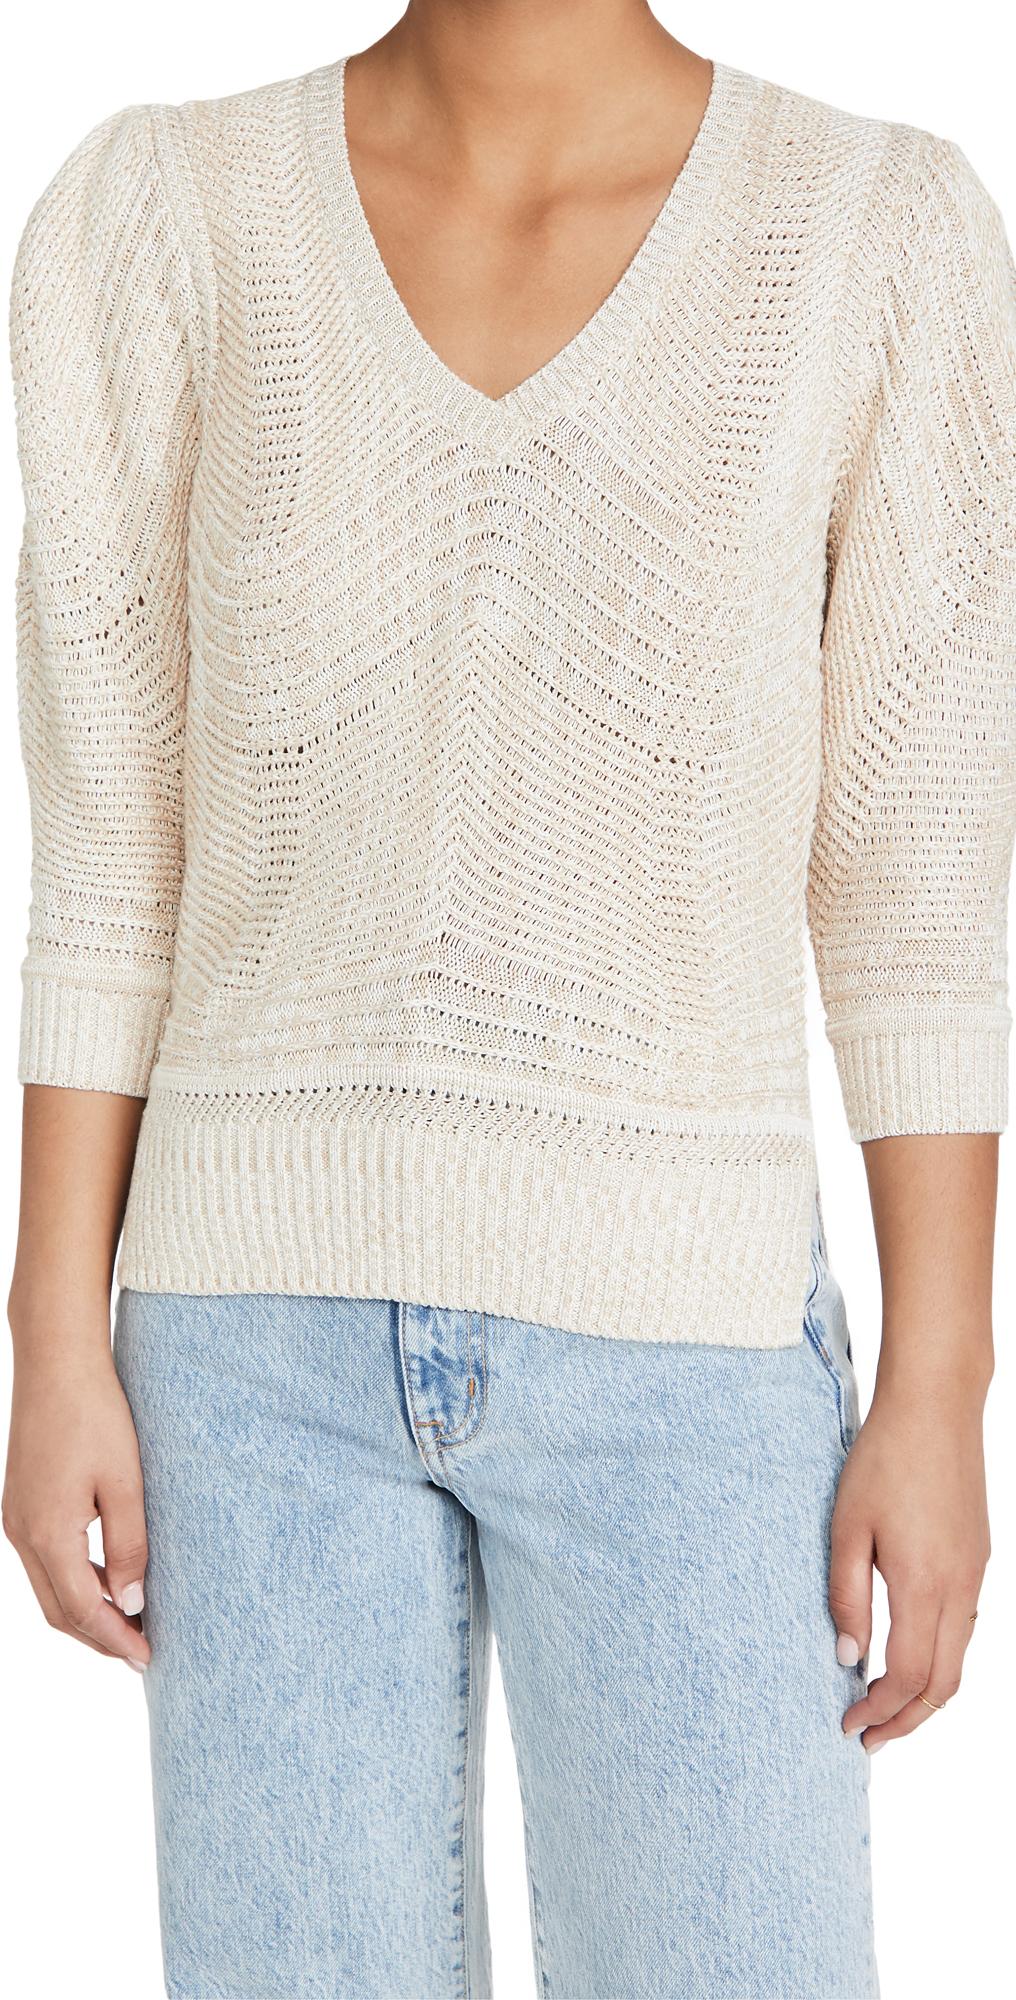 Arya Vee Sweater